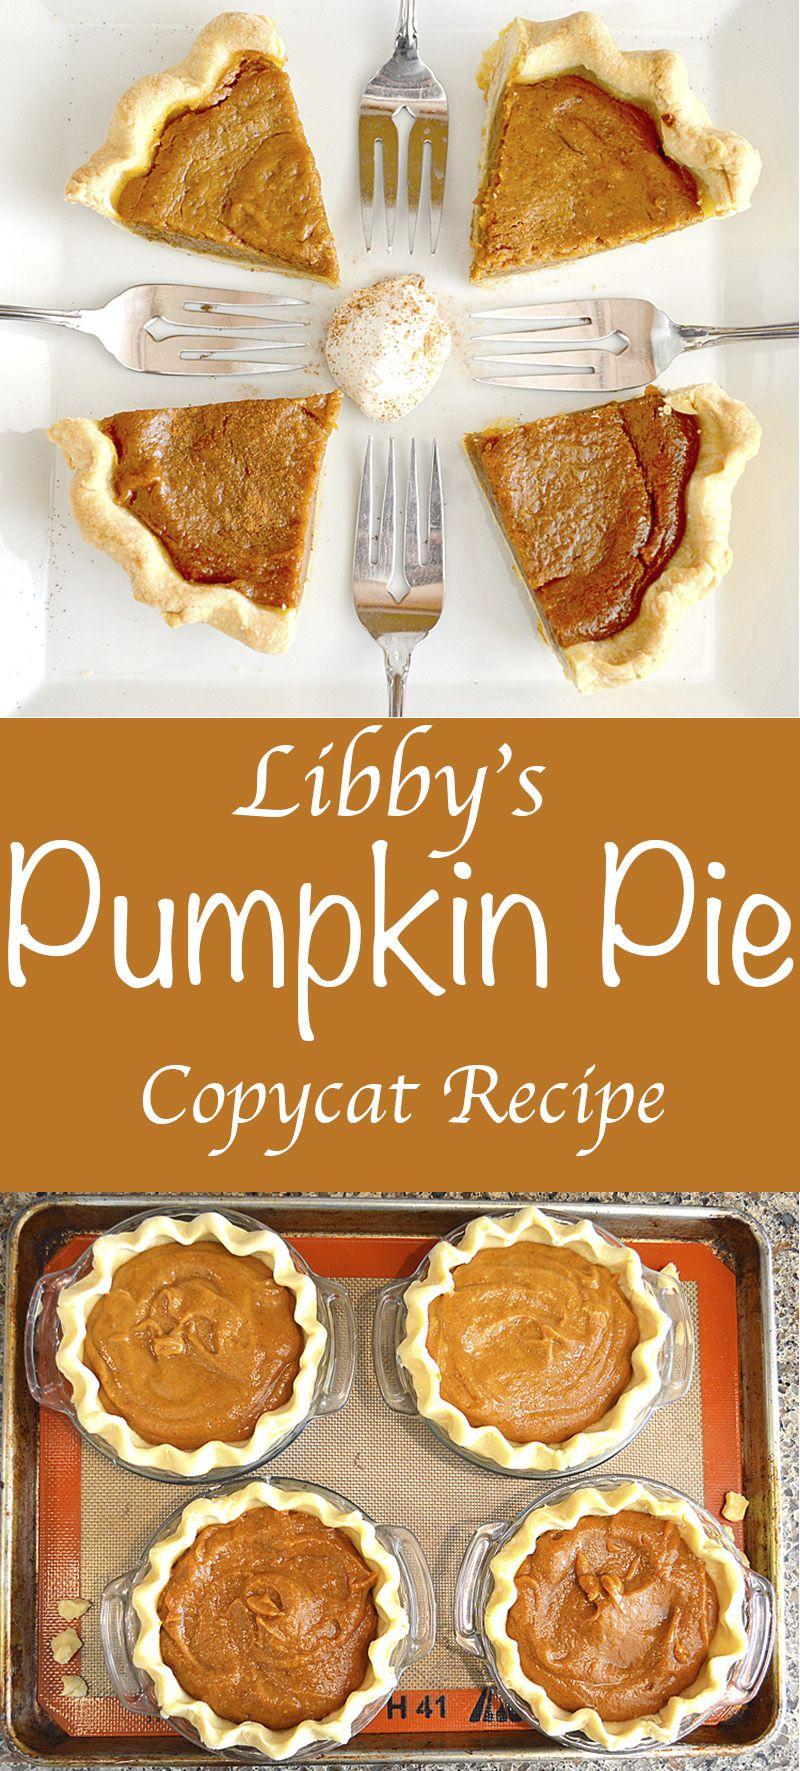 Libby's Pumpkin Pie Copycat Recipe (Vegan) | Rețetă | Ziua ...